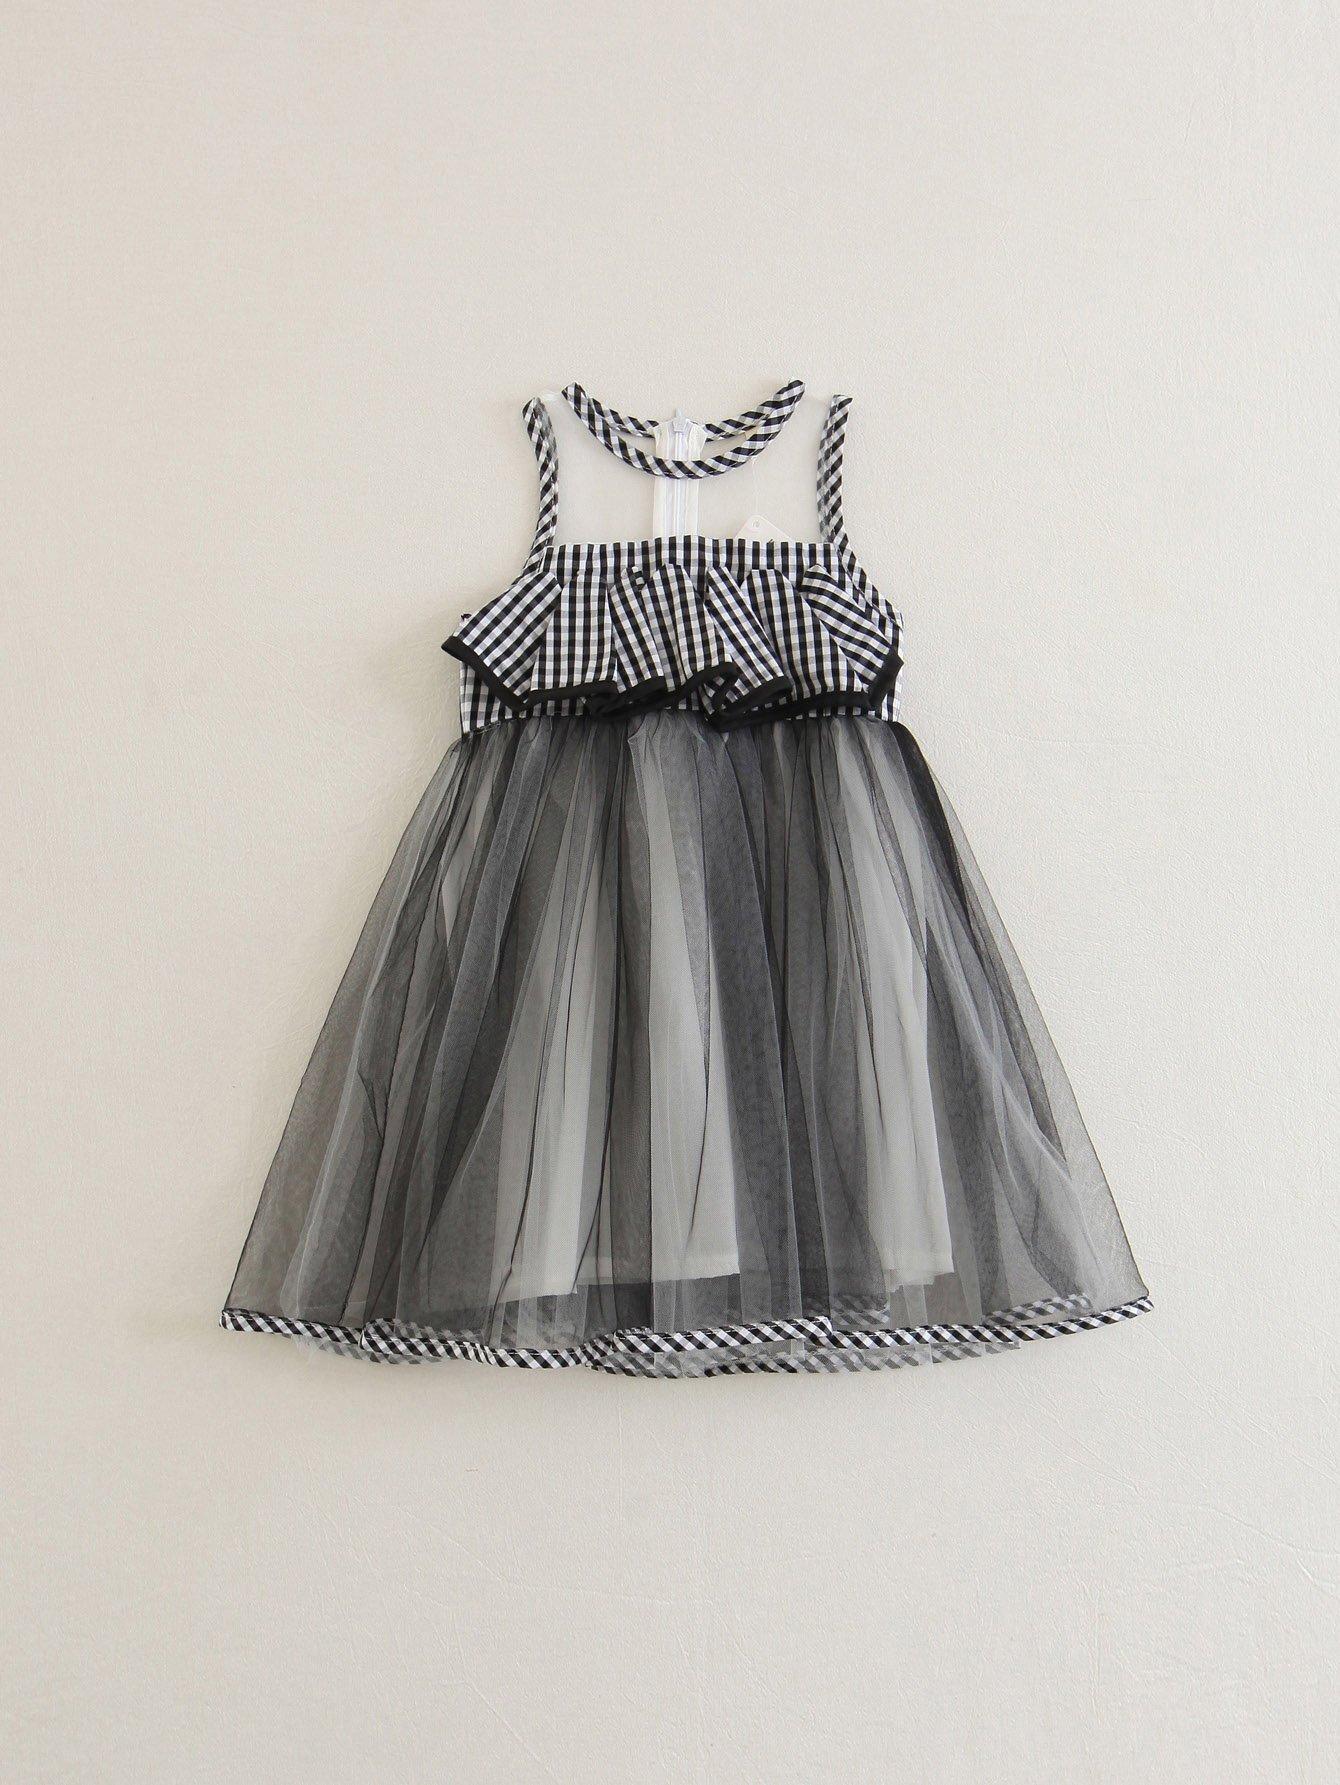 Contrast Mesh Ruffle Trim Gingham Dress ruffle hem gingham contrast mesh skirt